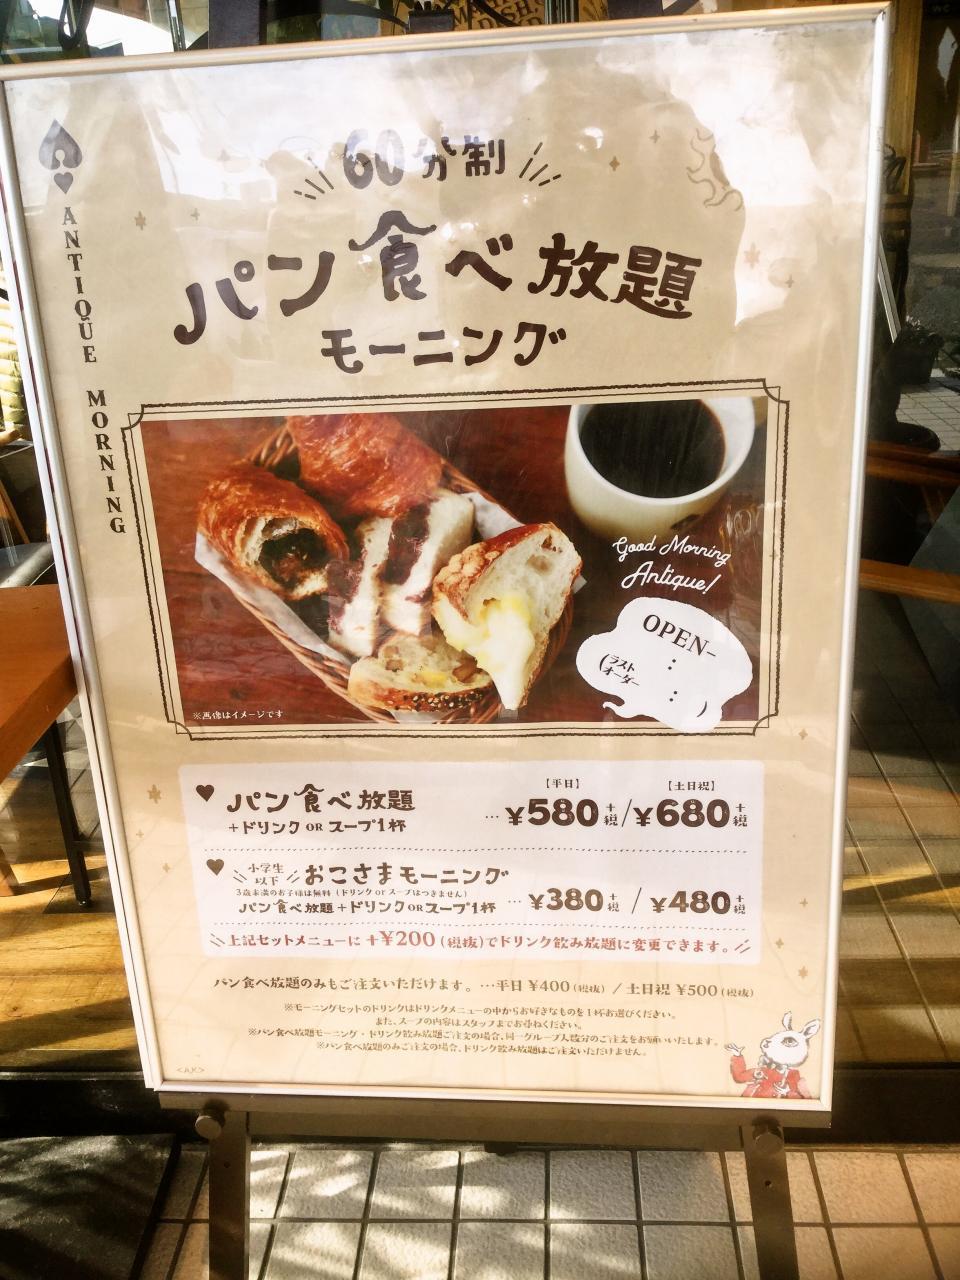 ハートブレットアンティーク伊勢原店(メニュー)